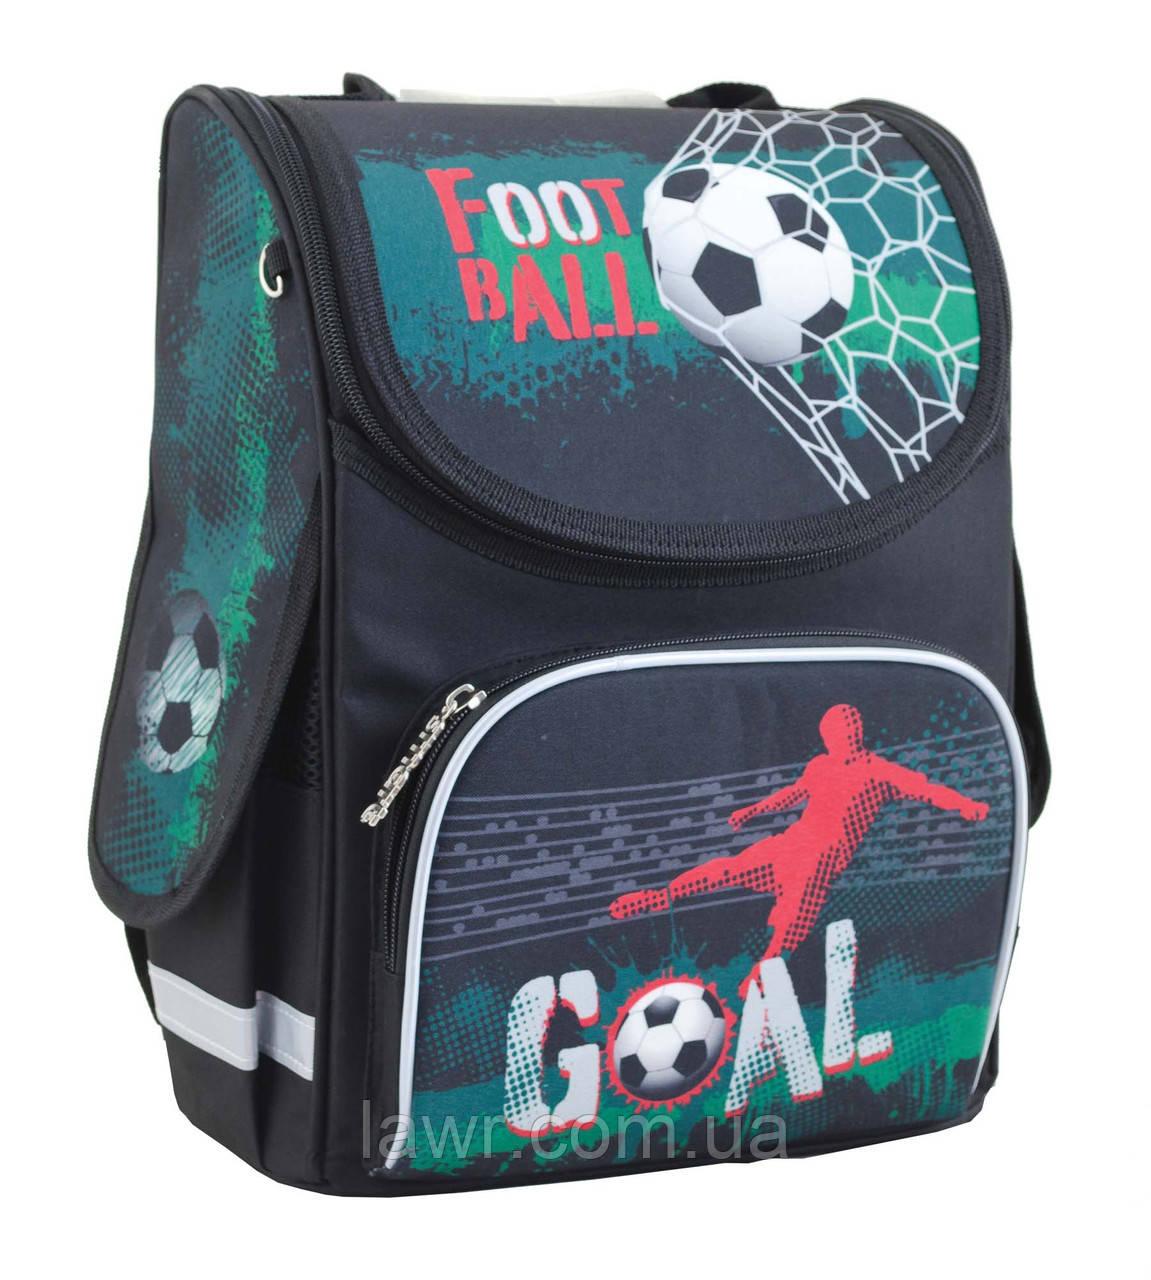 c1ad54c11d94 Ранец школьный каркасный ортопедический ТМ 1 Вересня SMART PG-11 Green  football - Интернет-